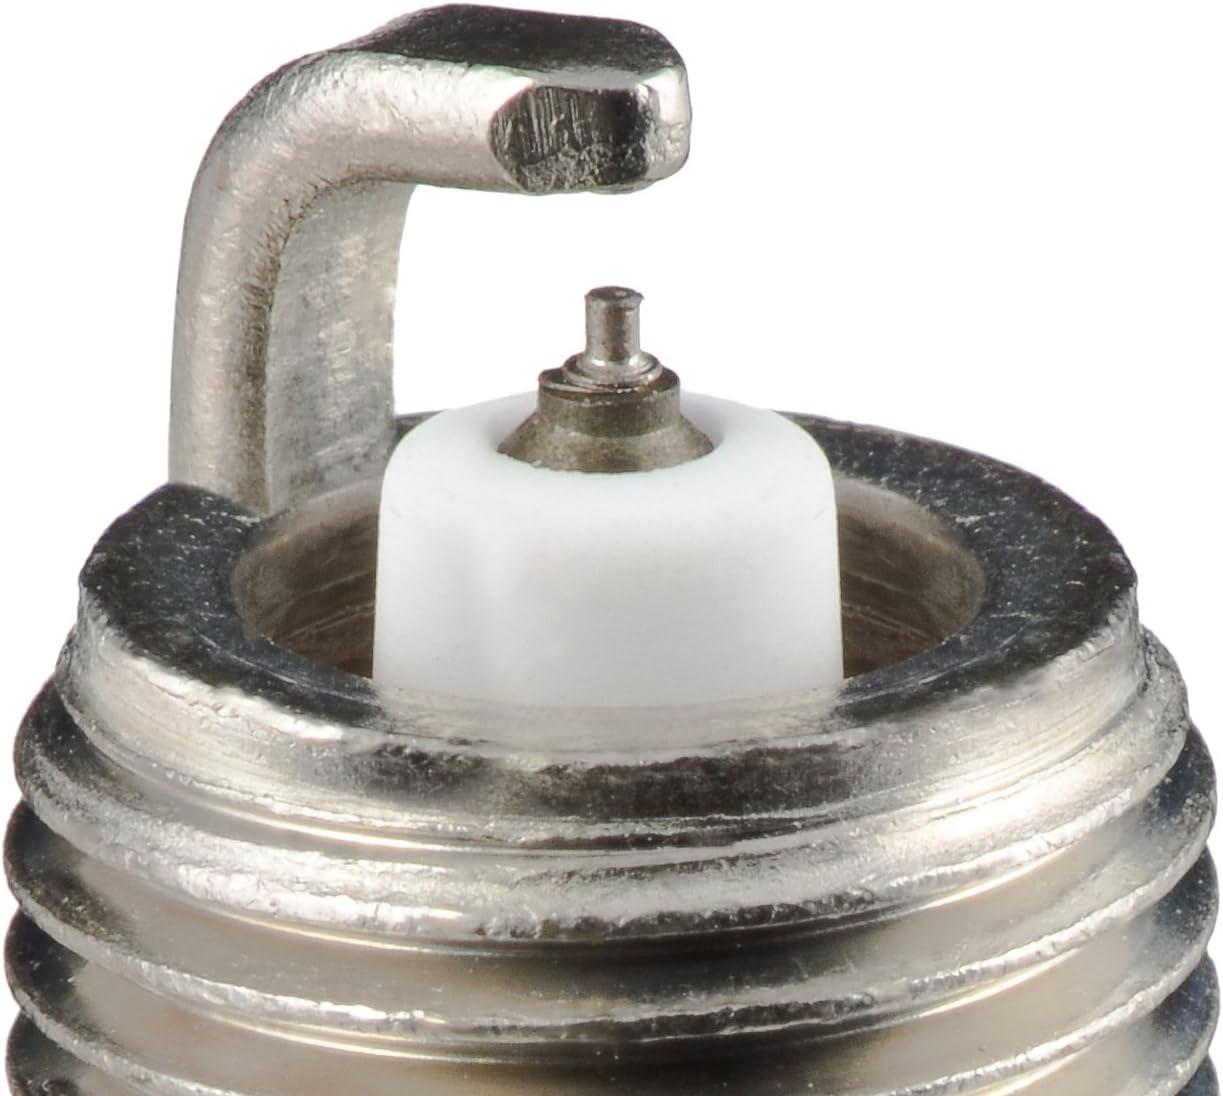 Autolite XP25 Iridium XP Spark Plug Pack of 1